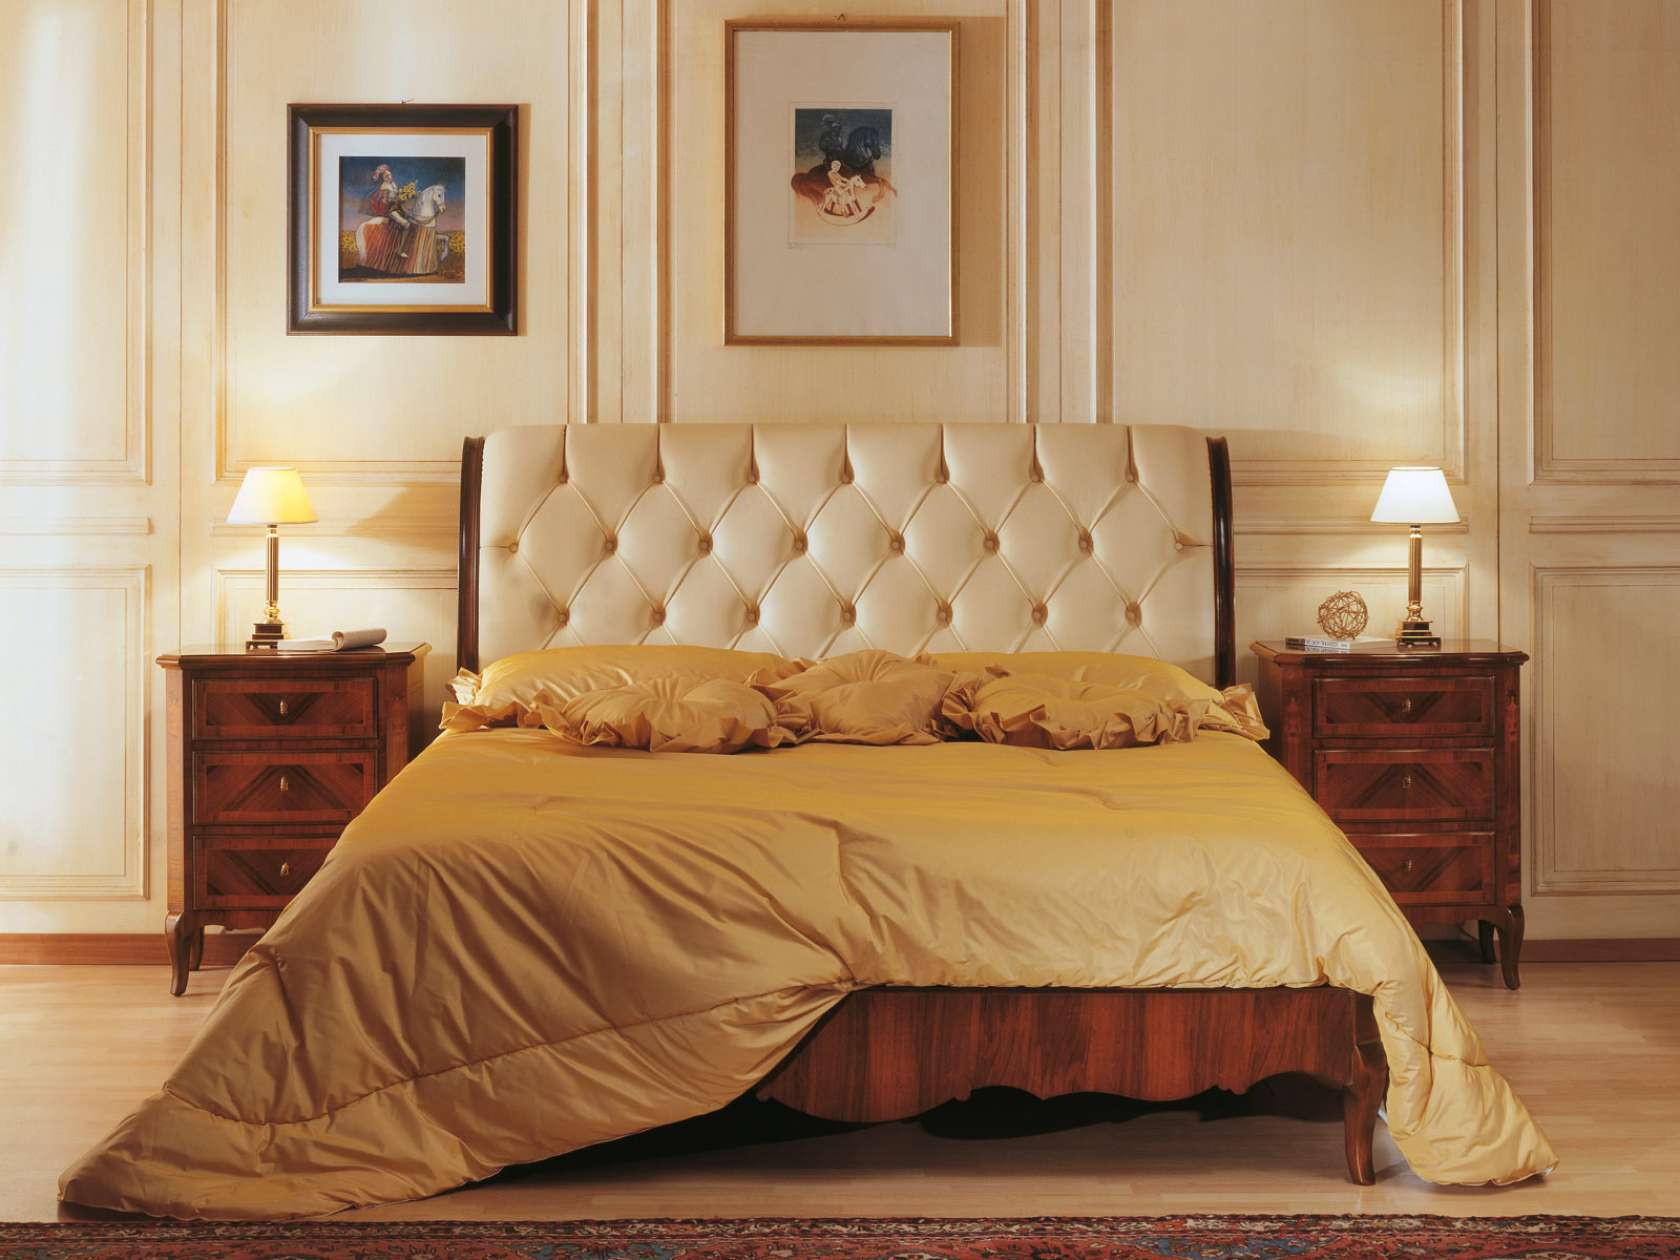 Letti Di Lusso In Pelle : Camera da letto classica di lusso francese letto in pelle